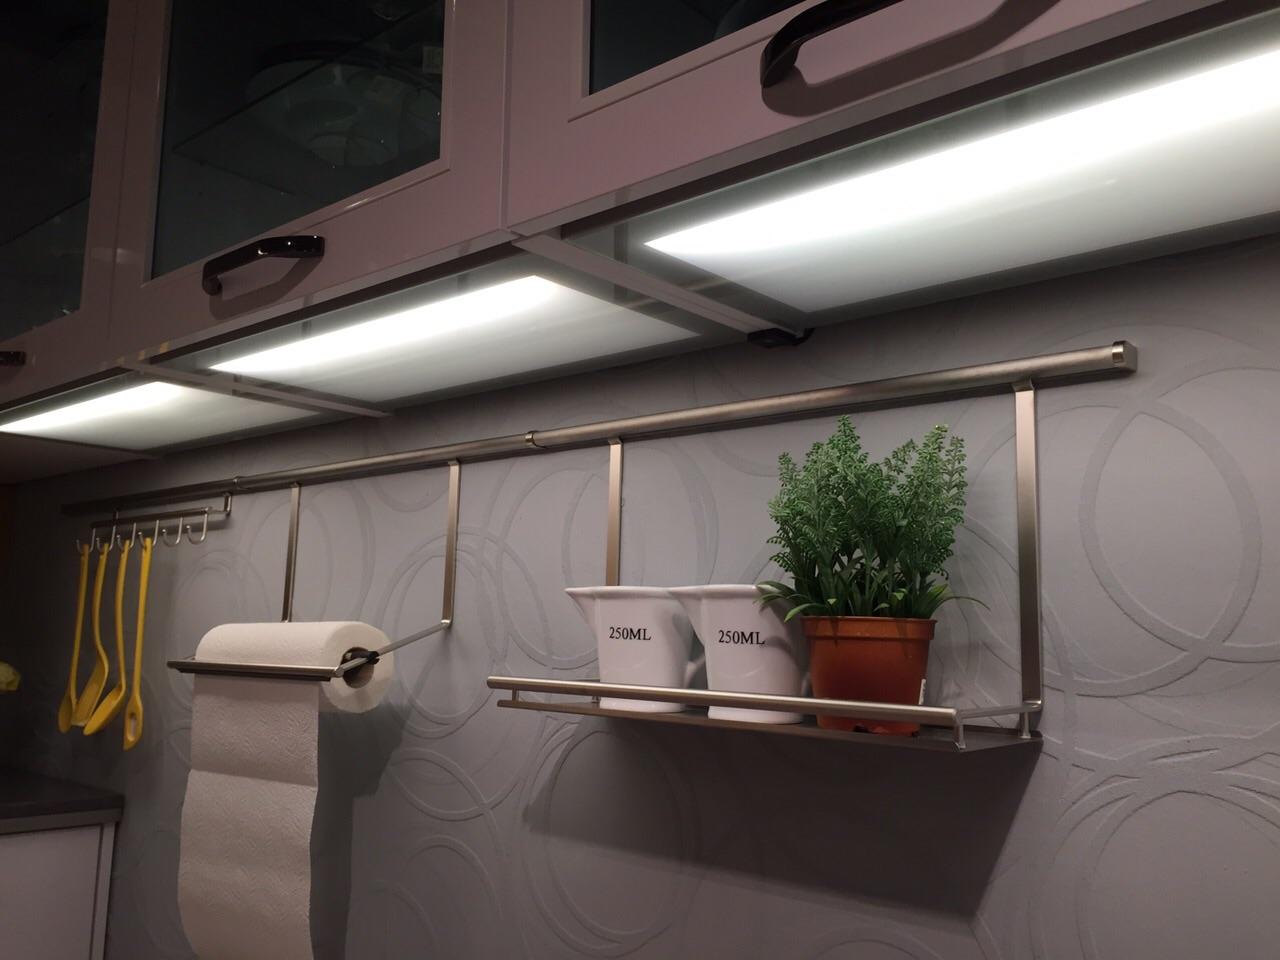 Full Size of Beleuchtung Küche Rustikal Landhausküche Gebraucht Nolte Grau Hochglanz Singleküche Hängeschrank Glastüren Ikea Kosten Günstige Mit E Geräten Wohnzimmer Beleuchtung Küche